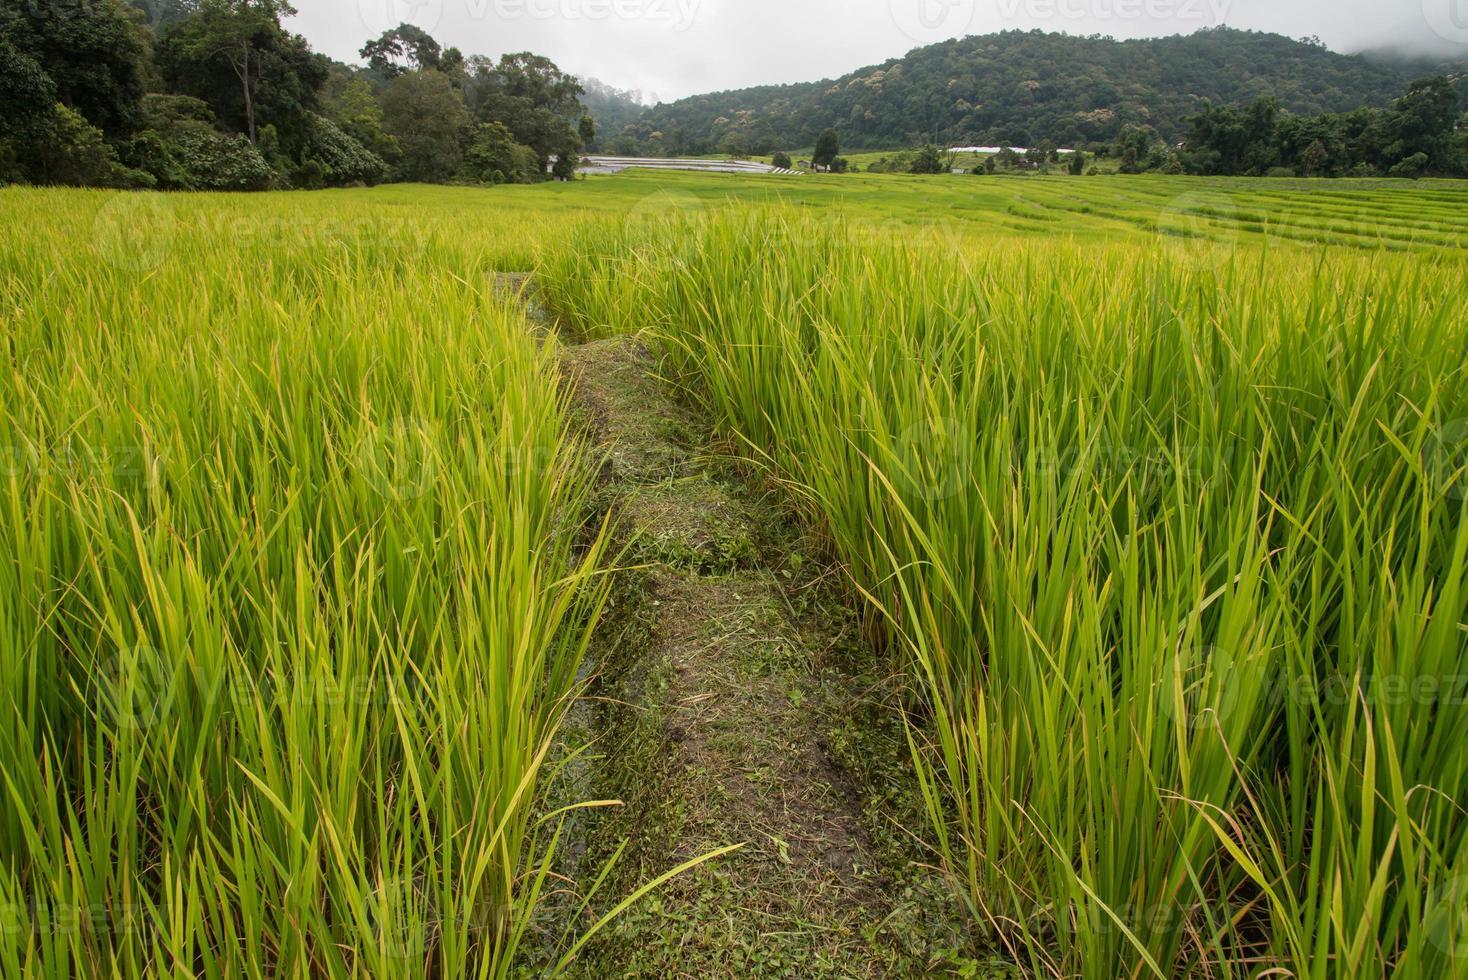 grüne Reisfelder im nördlichen Hochland von Thailand foto